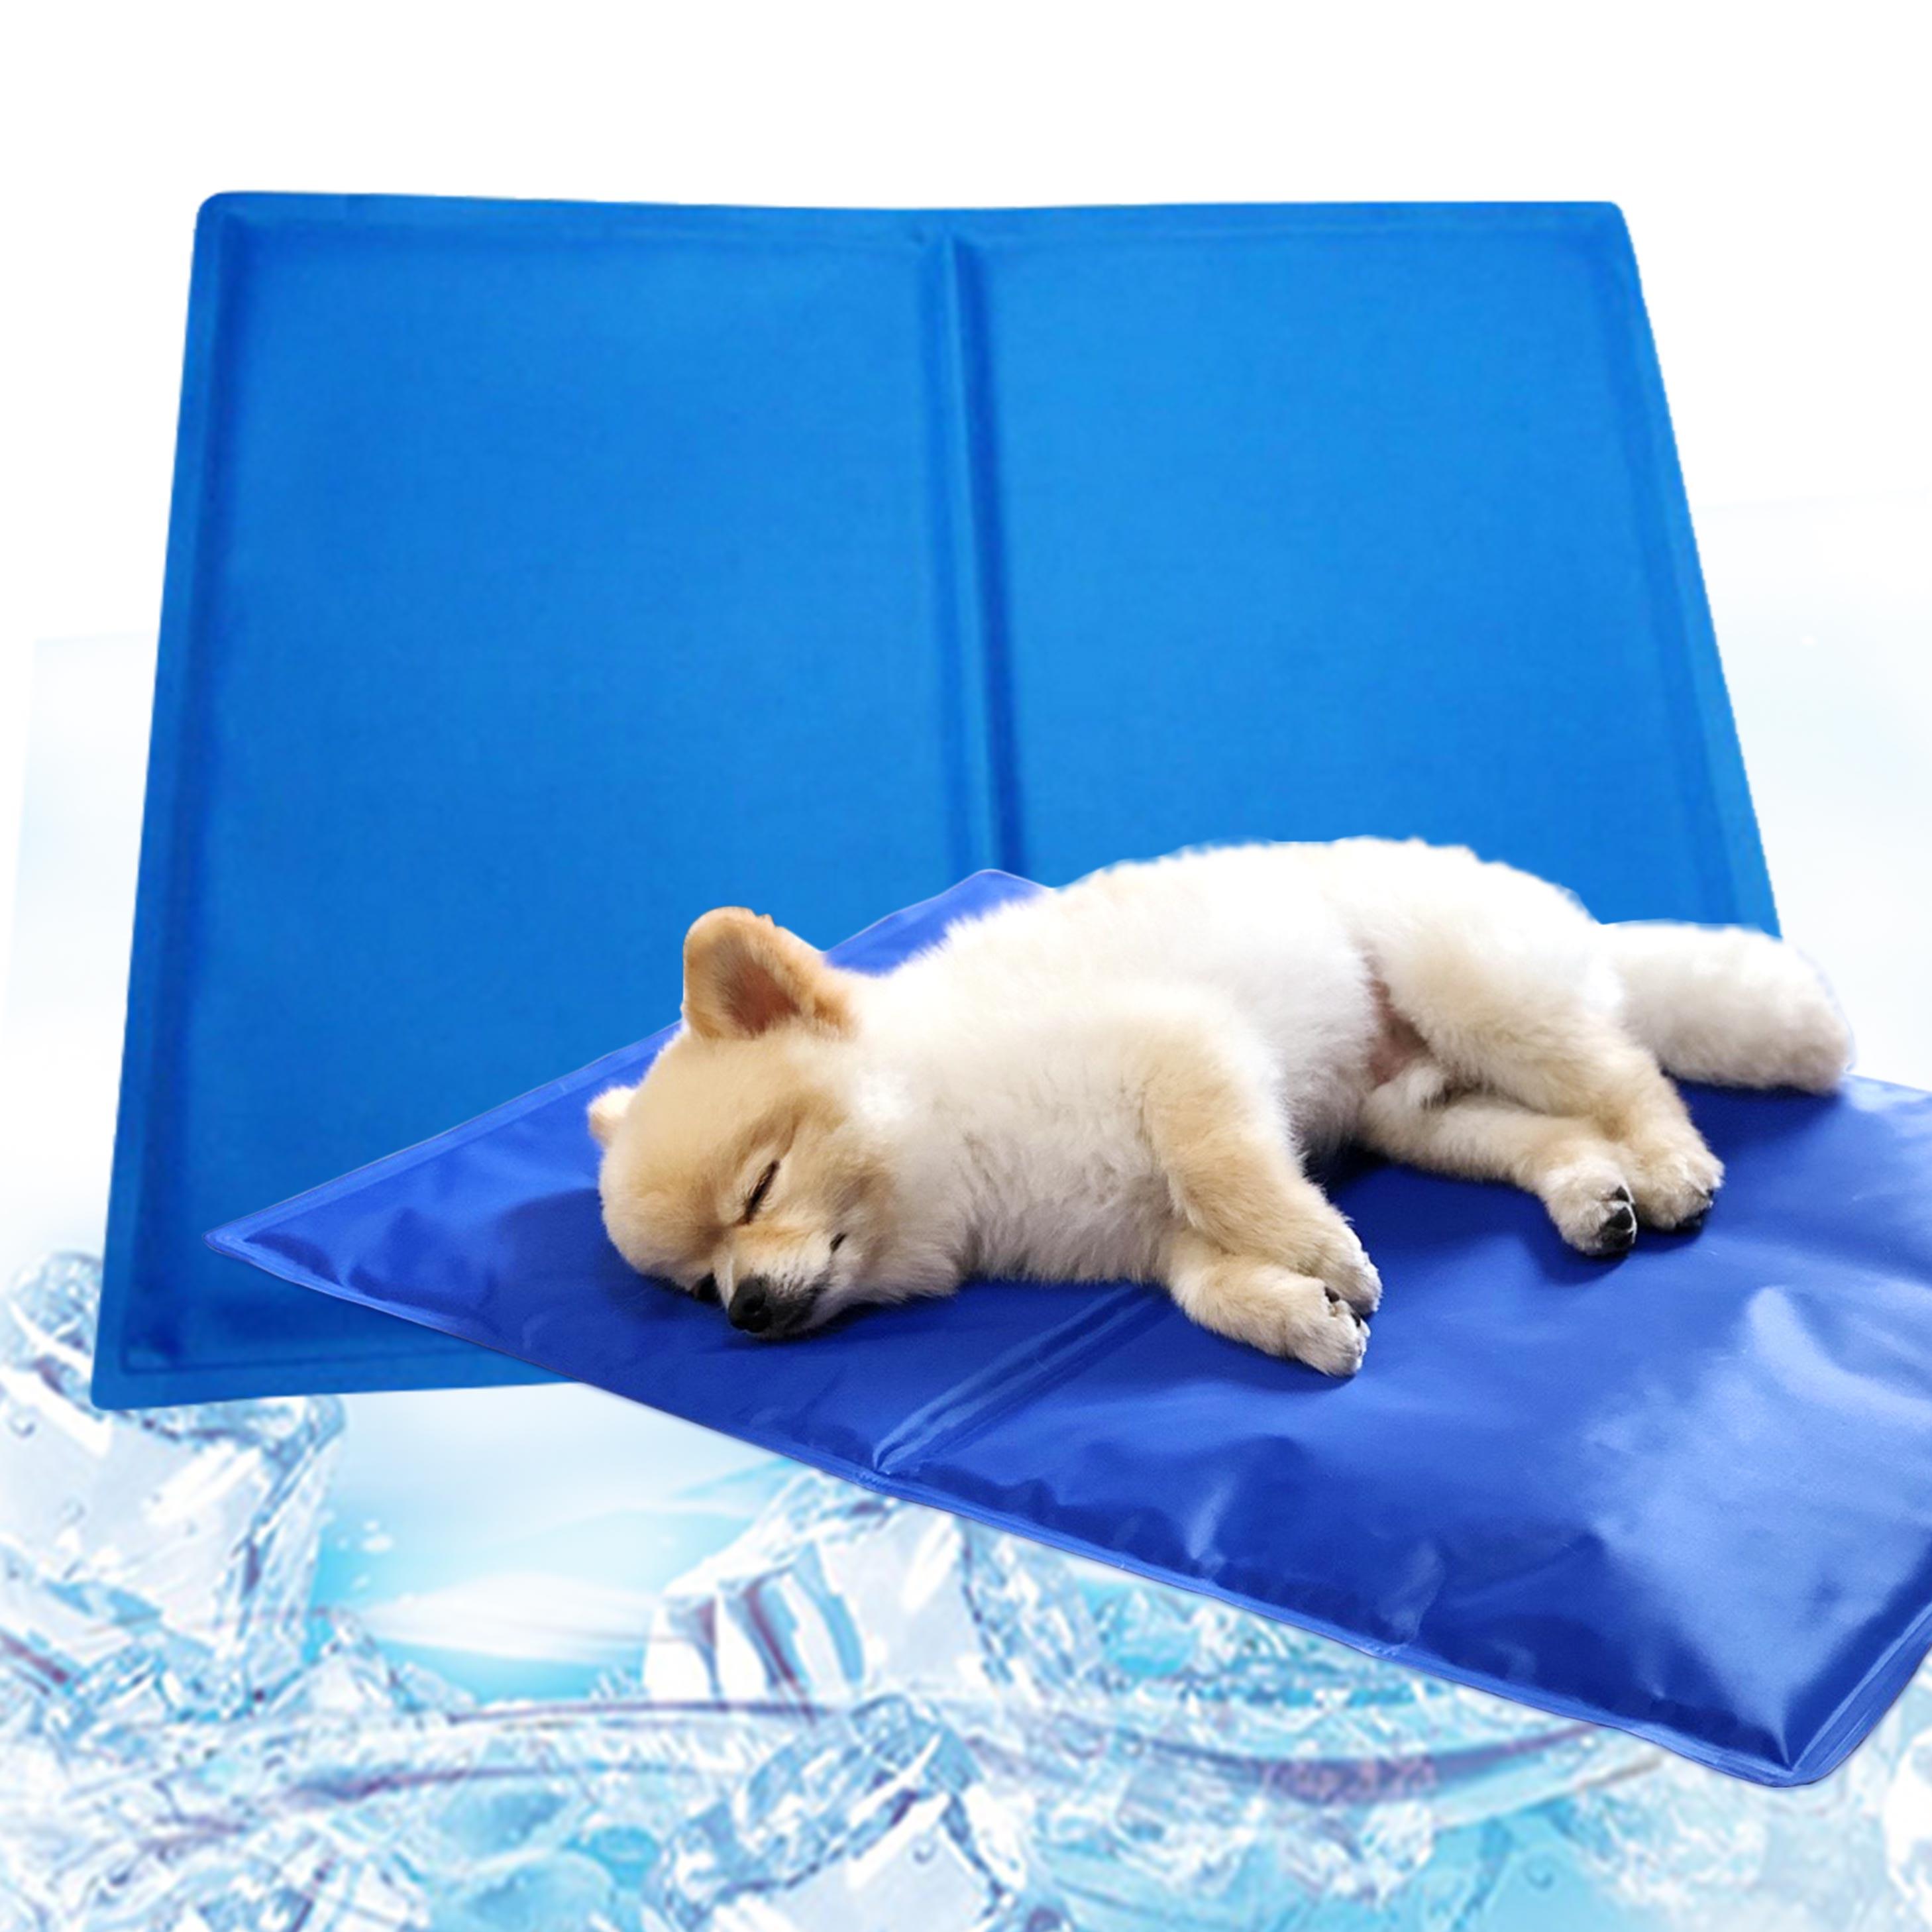 冰墊 貓狗冰墊 人寵降溫 筆電散熱 涼墊 寵物冰墊 降溫 散熱 狗窩 貓床  涼感 寵物用